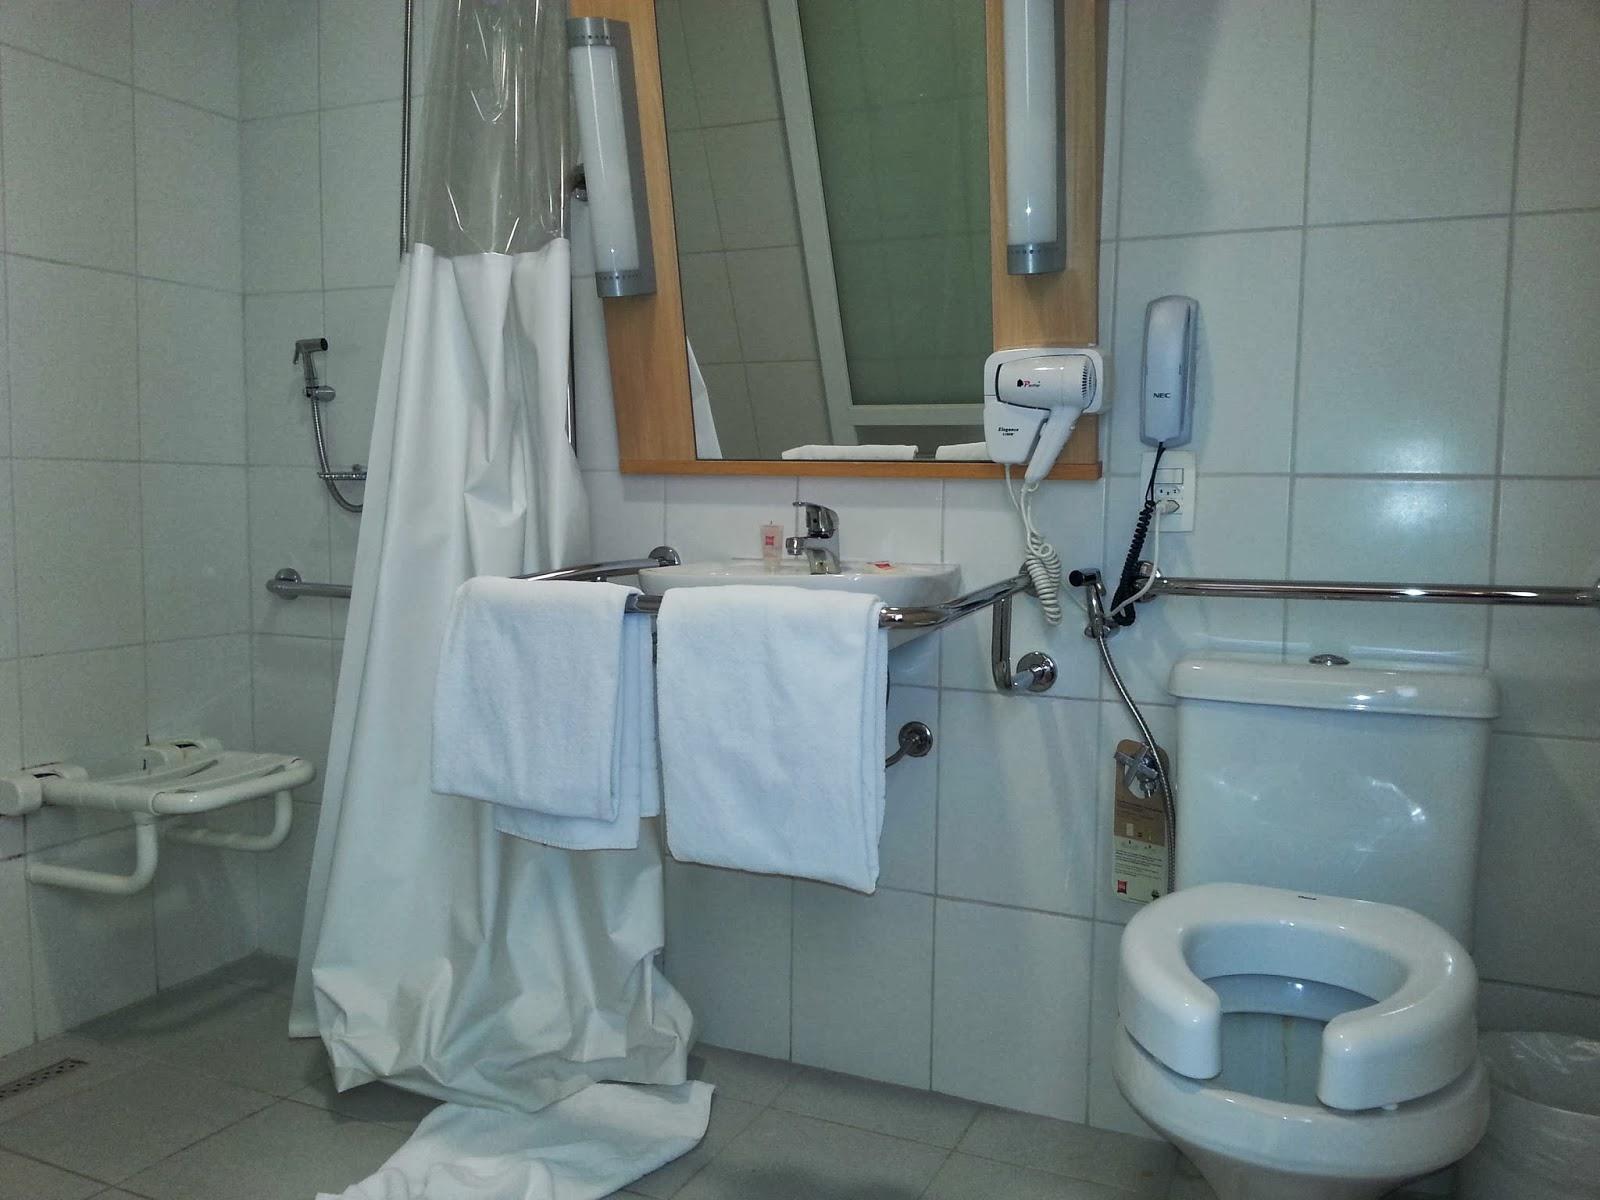 Imagens de #65503C Banqueta de banho fixa cortina no box ducha monocomando espelho  1600x1200 px 3594 Barra Banheiro Cadeirante